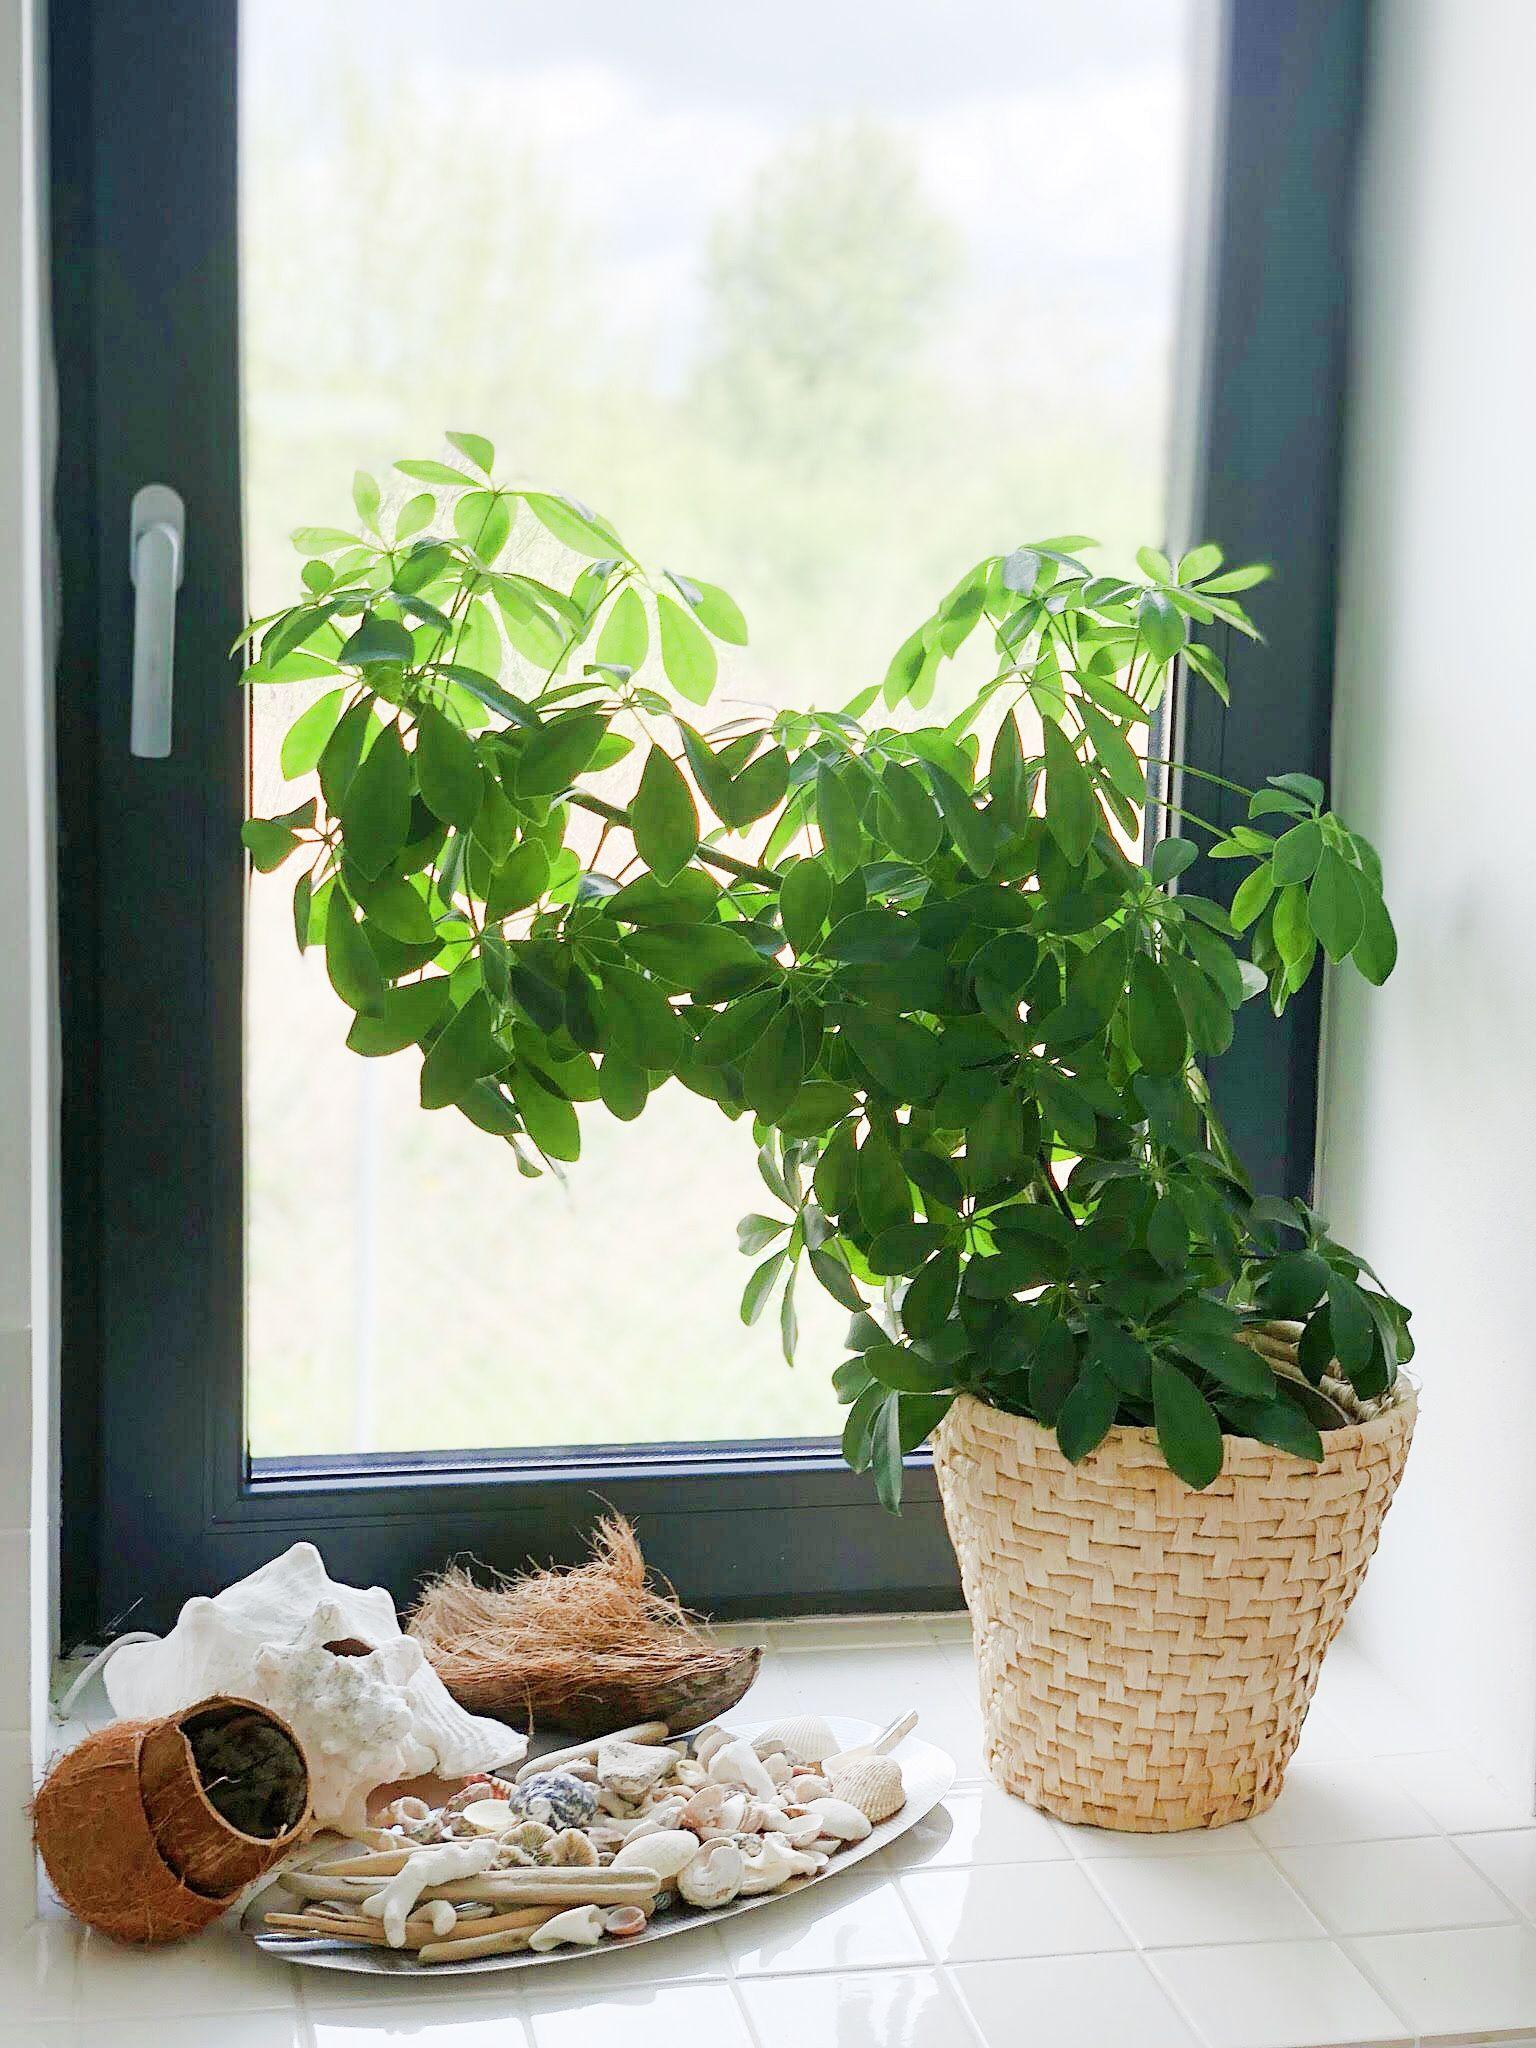 Kwiaty Doniczkowe W Moim Domu Cz 2 Basia Szmydt Blog Plants